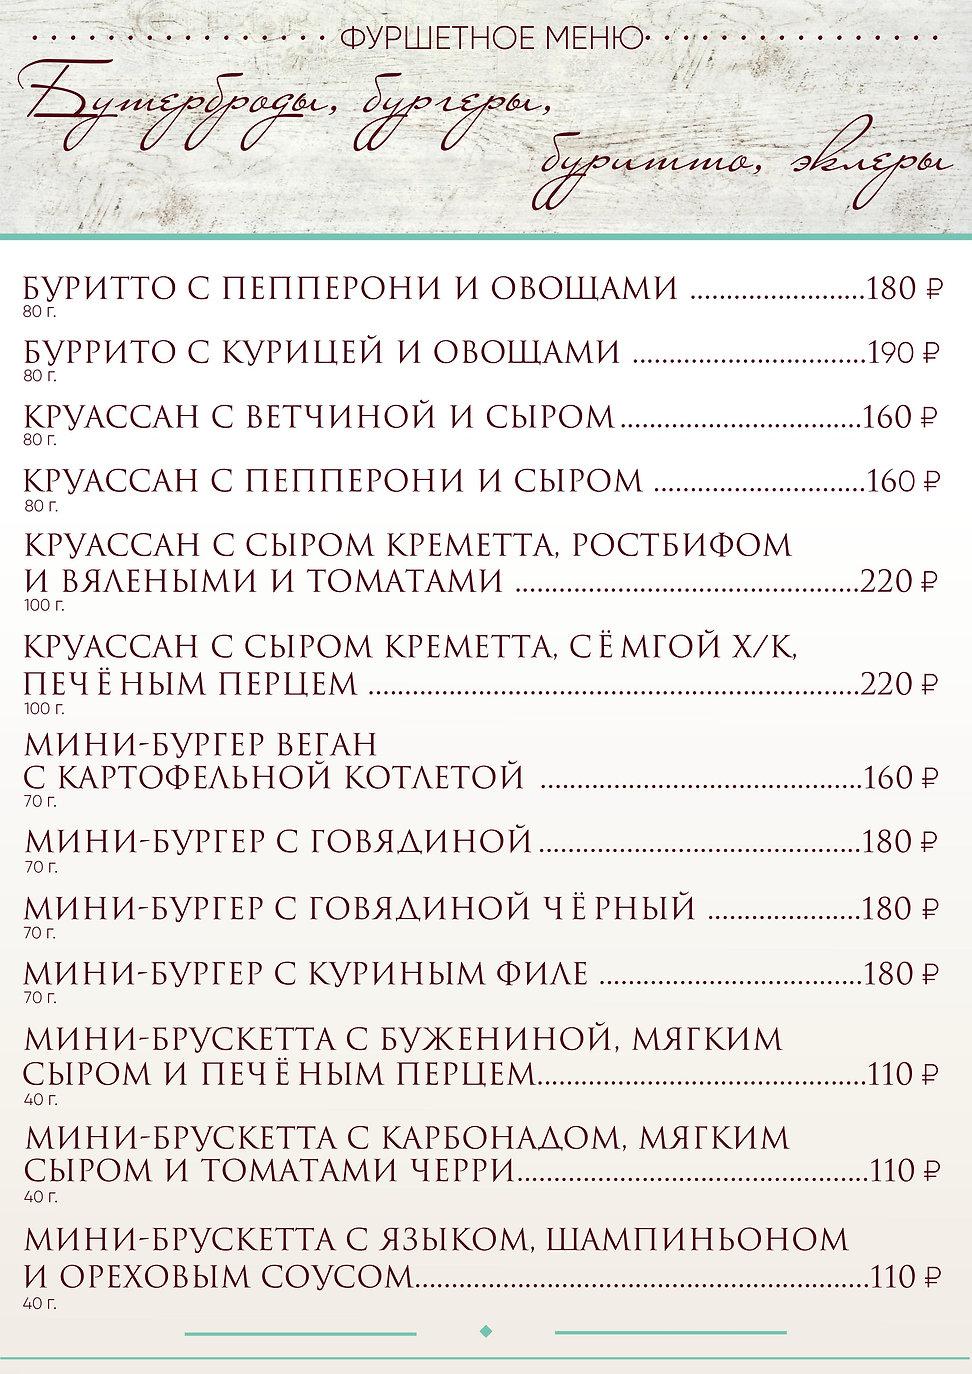 фуршетное меню - 7.jpg